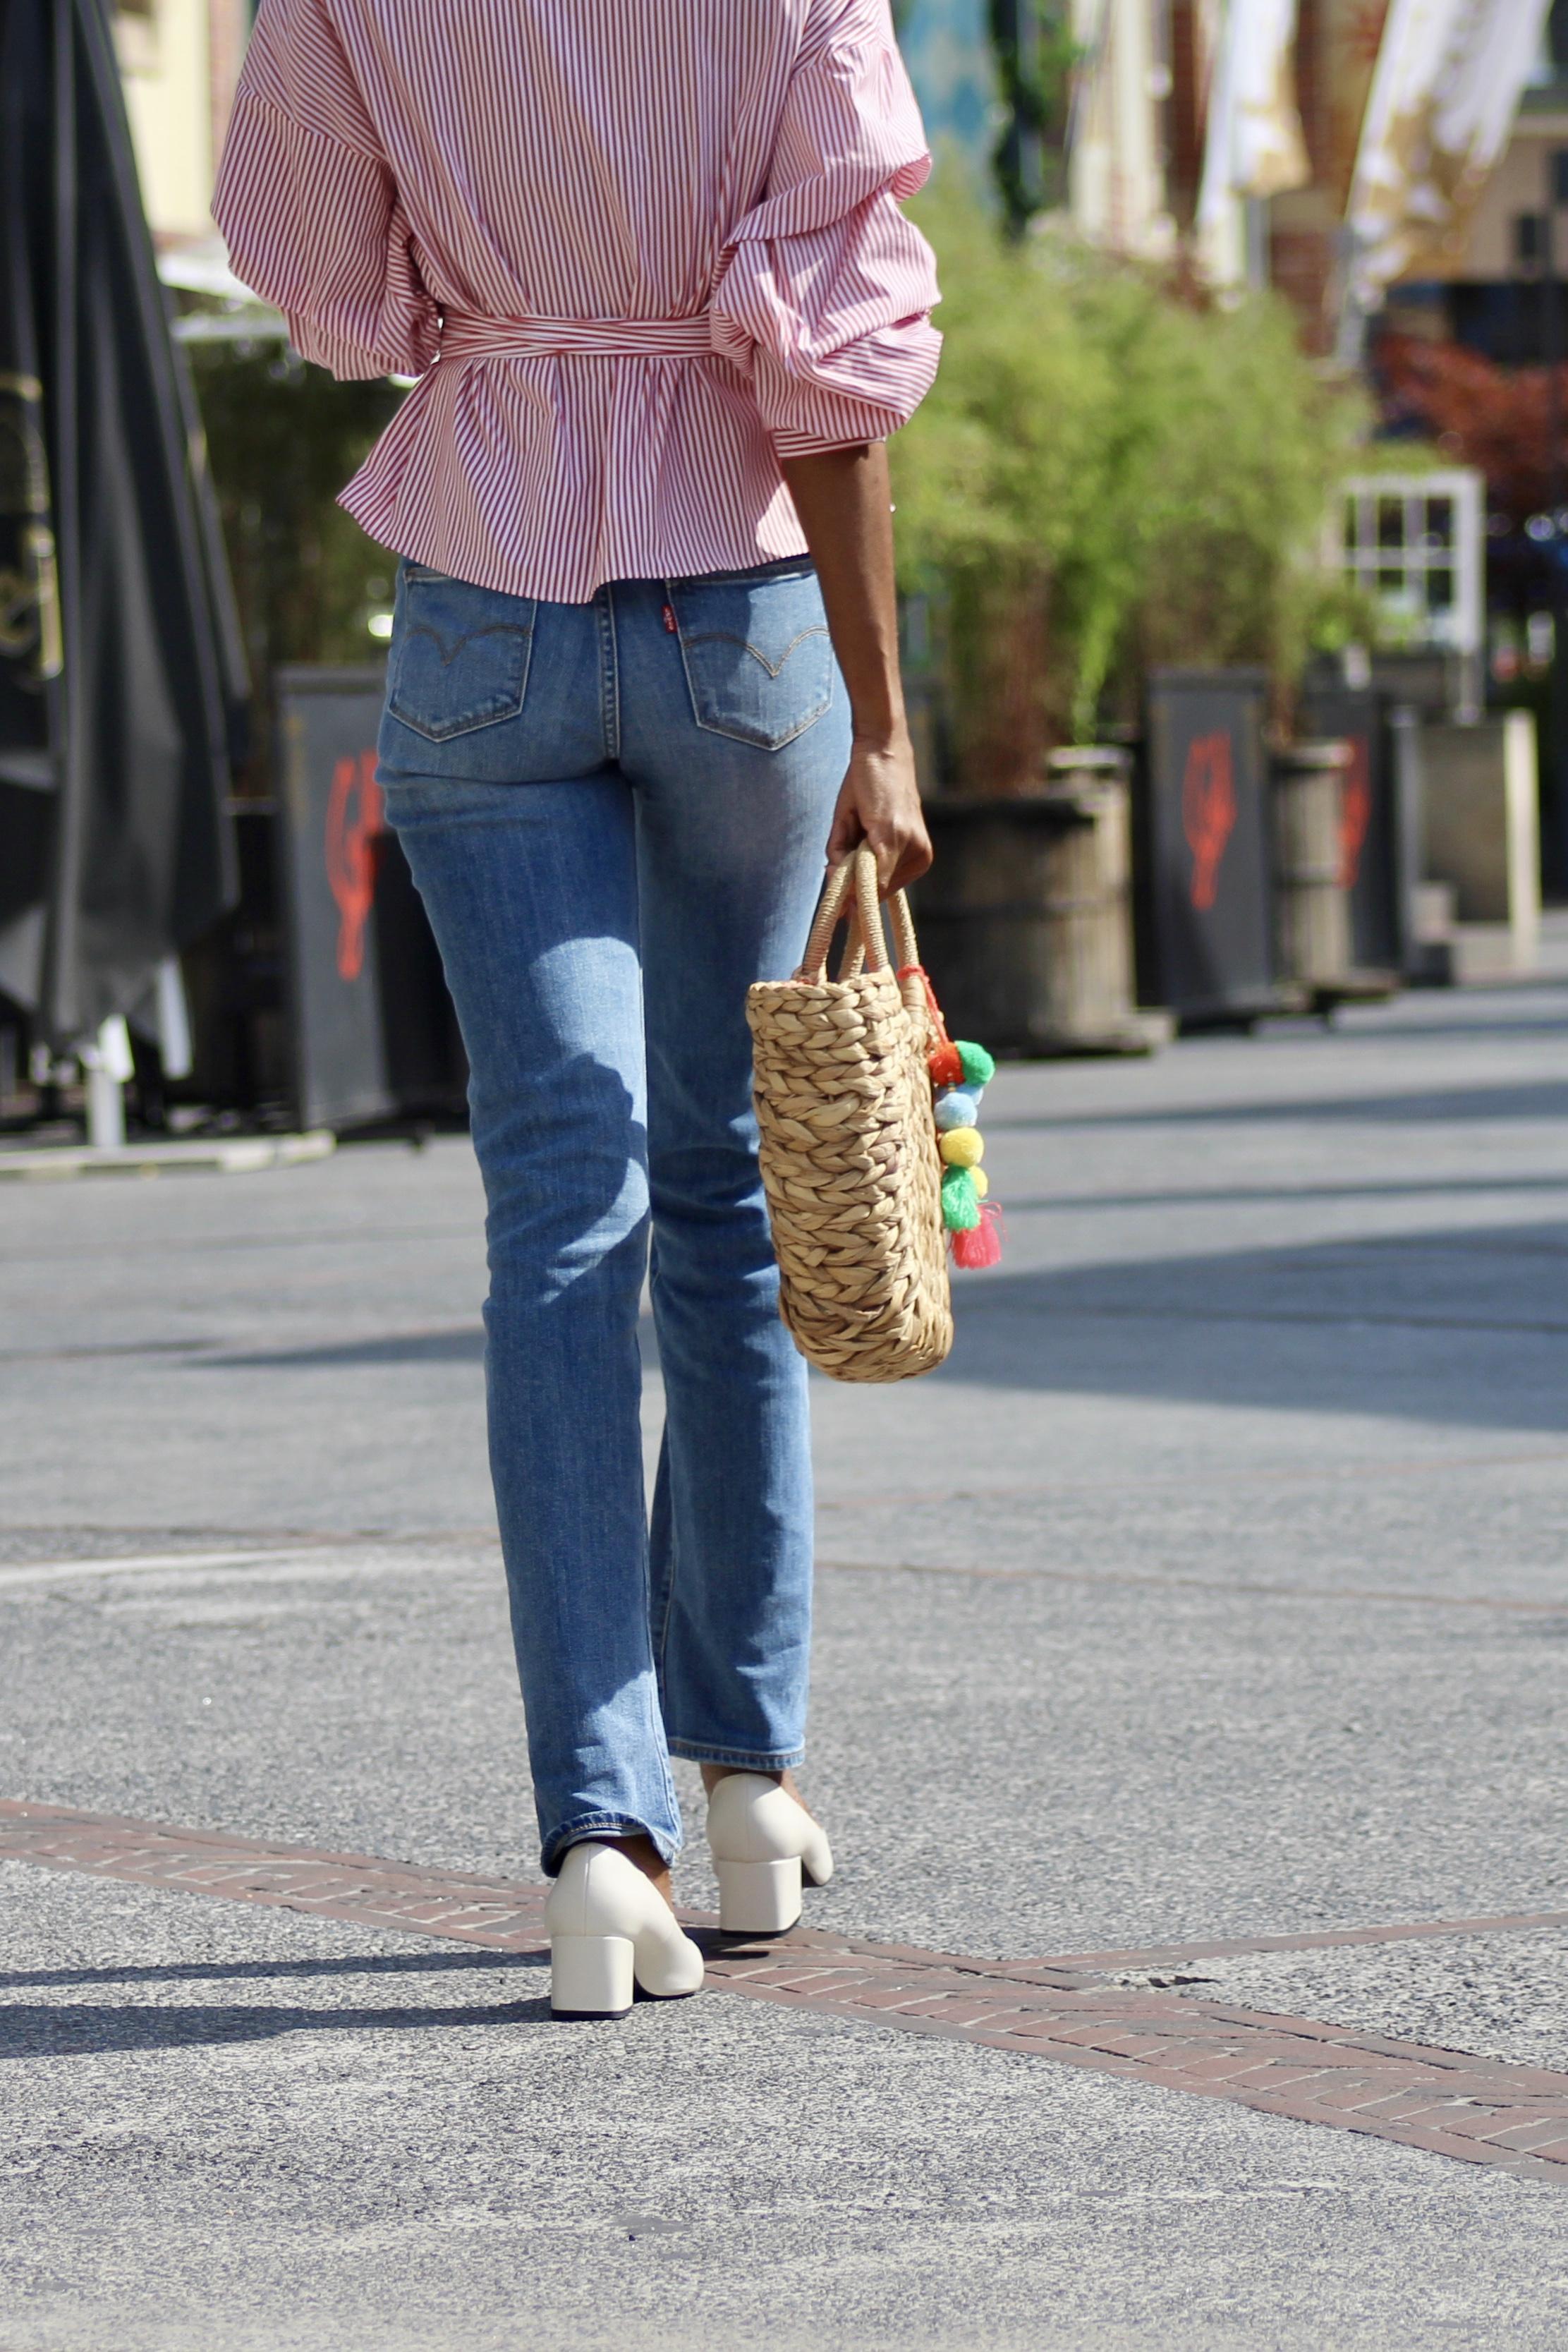 jeans red stripes basket bag